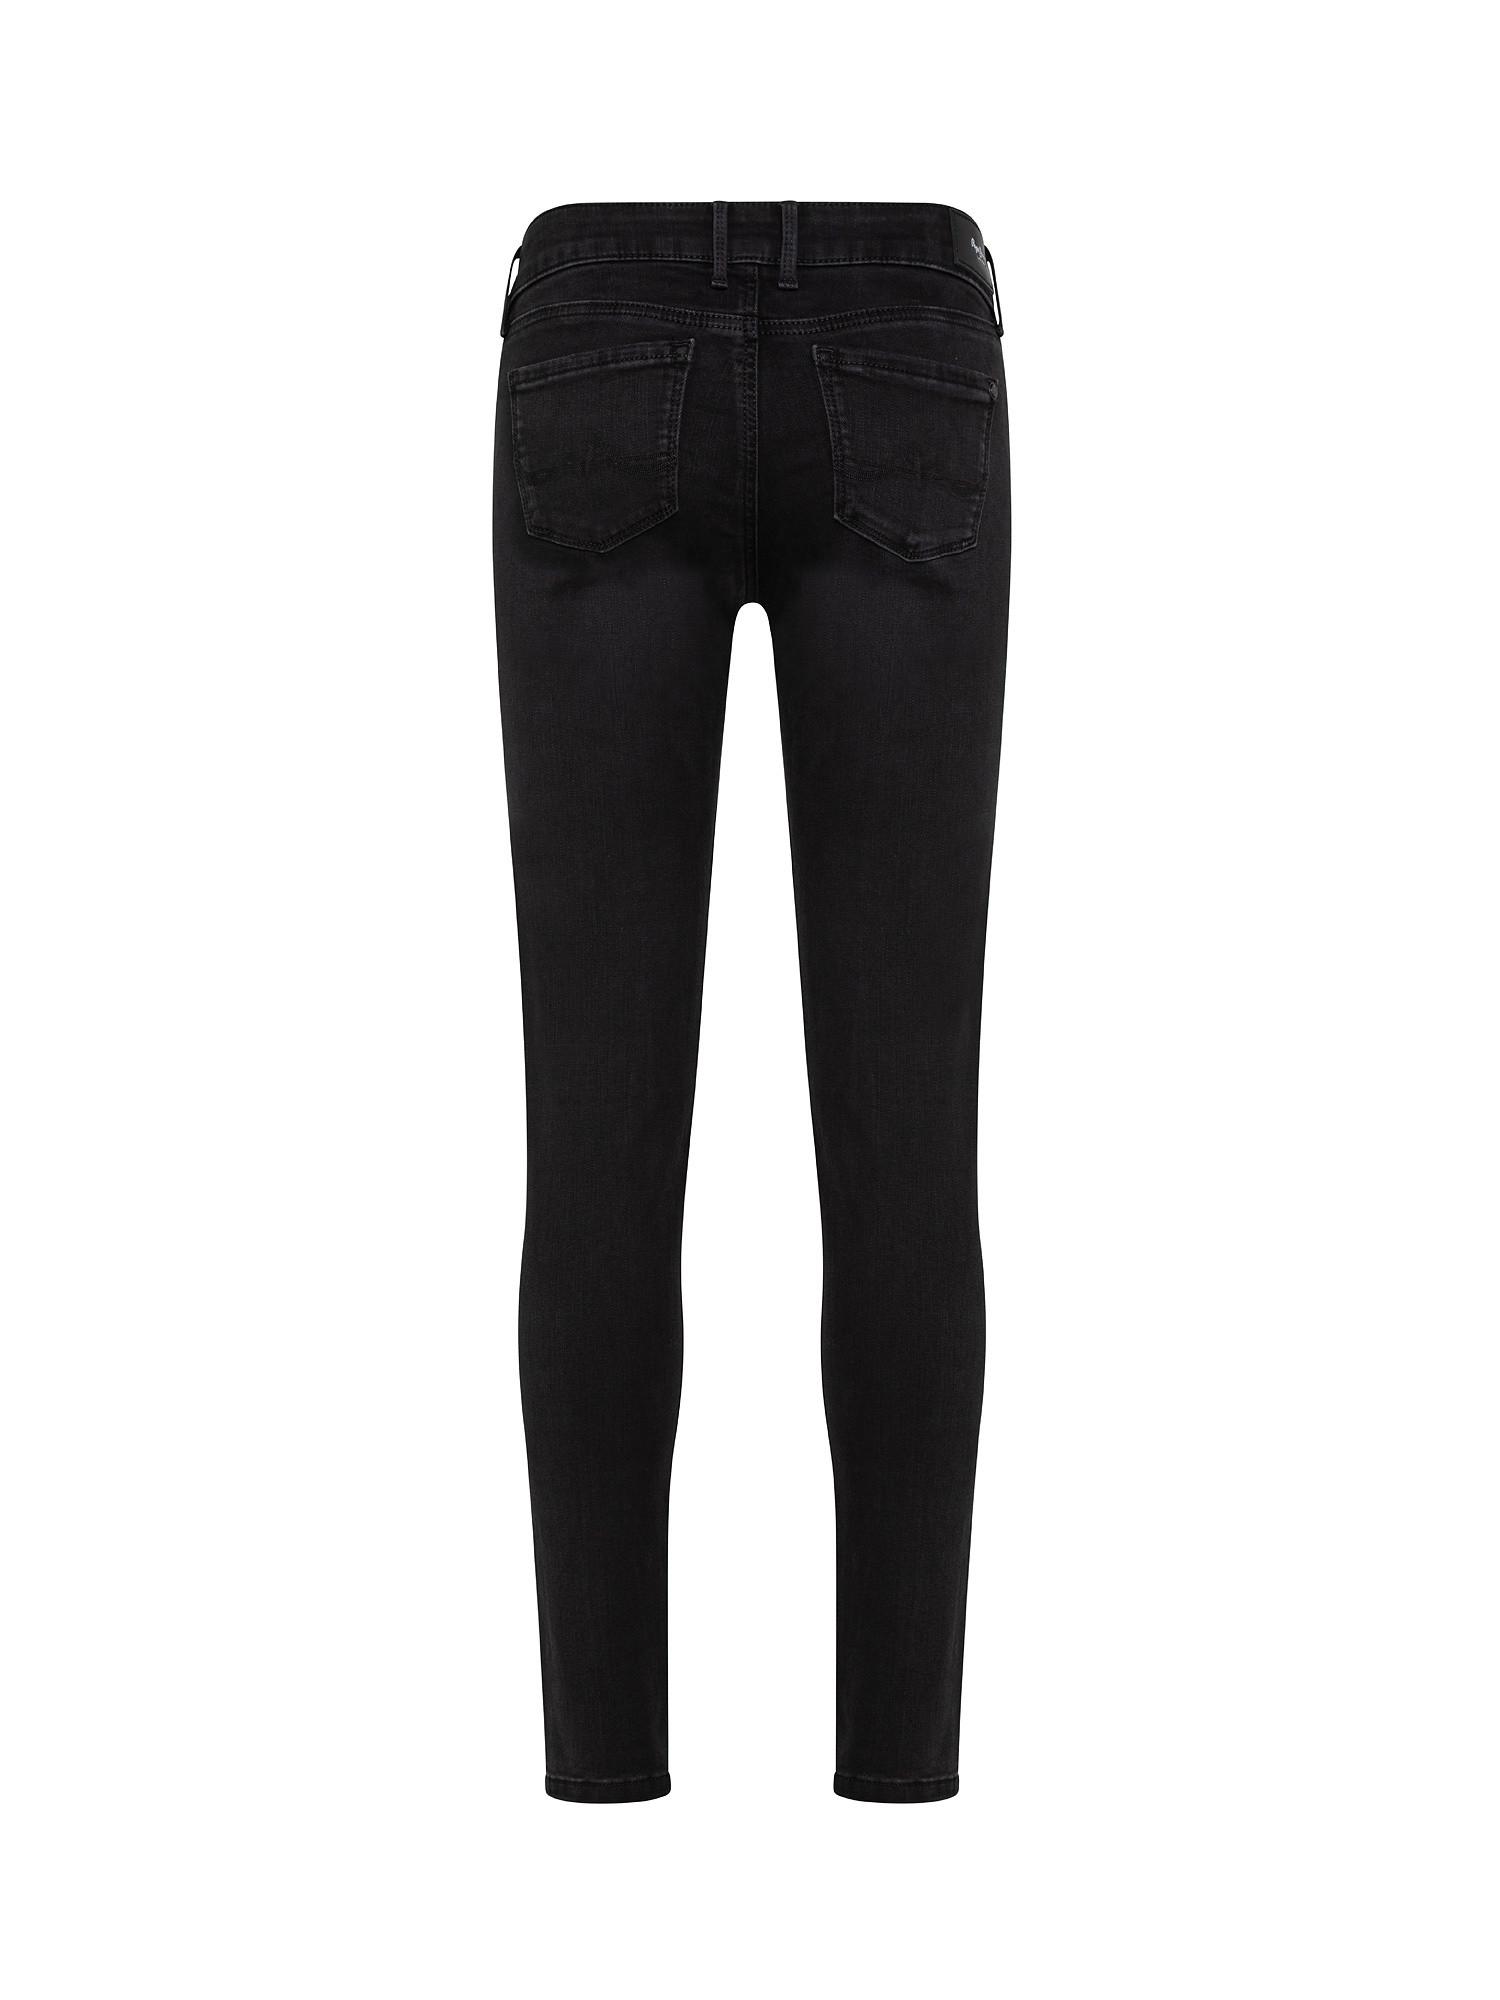 Jeans donna, Denim, large image number 1